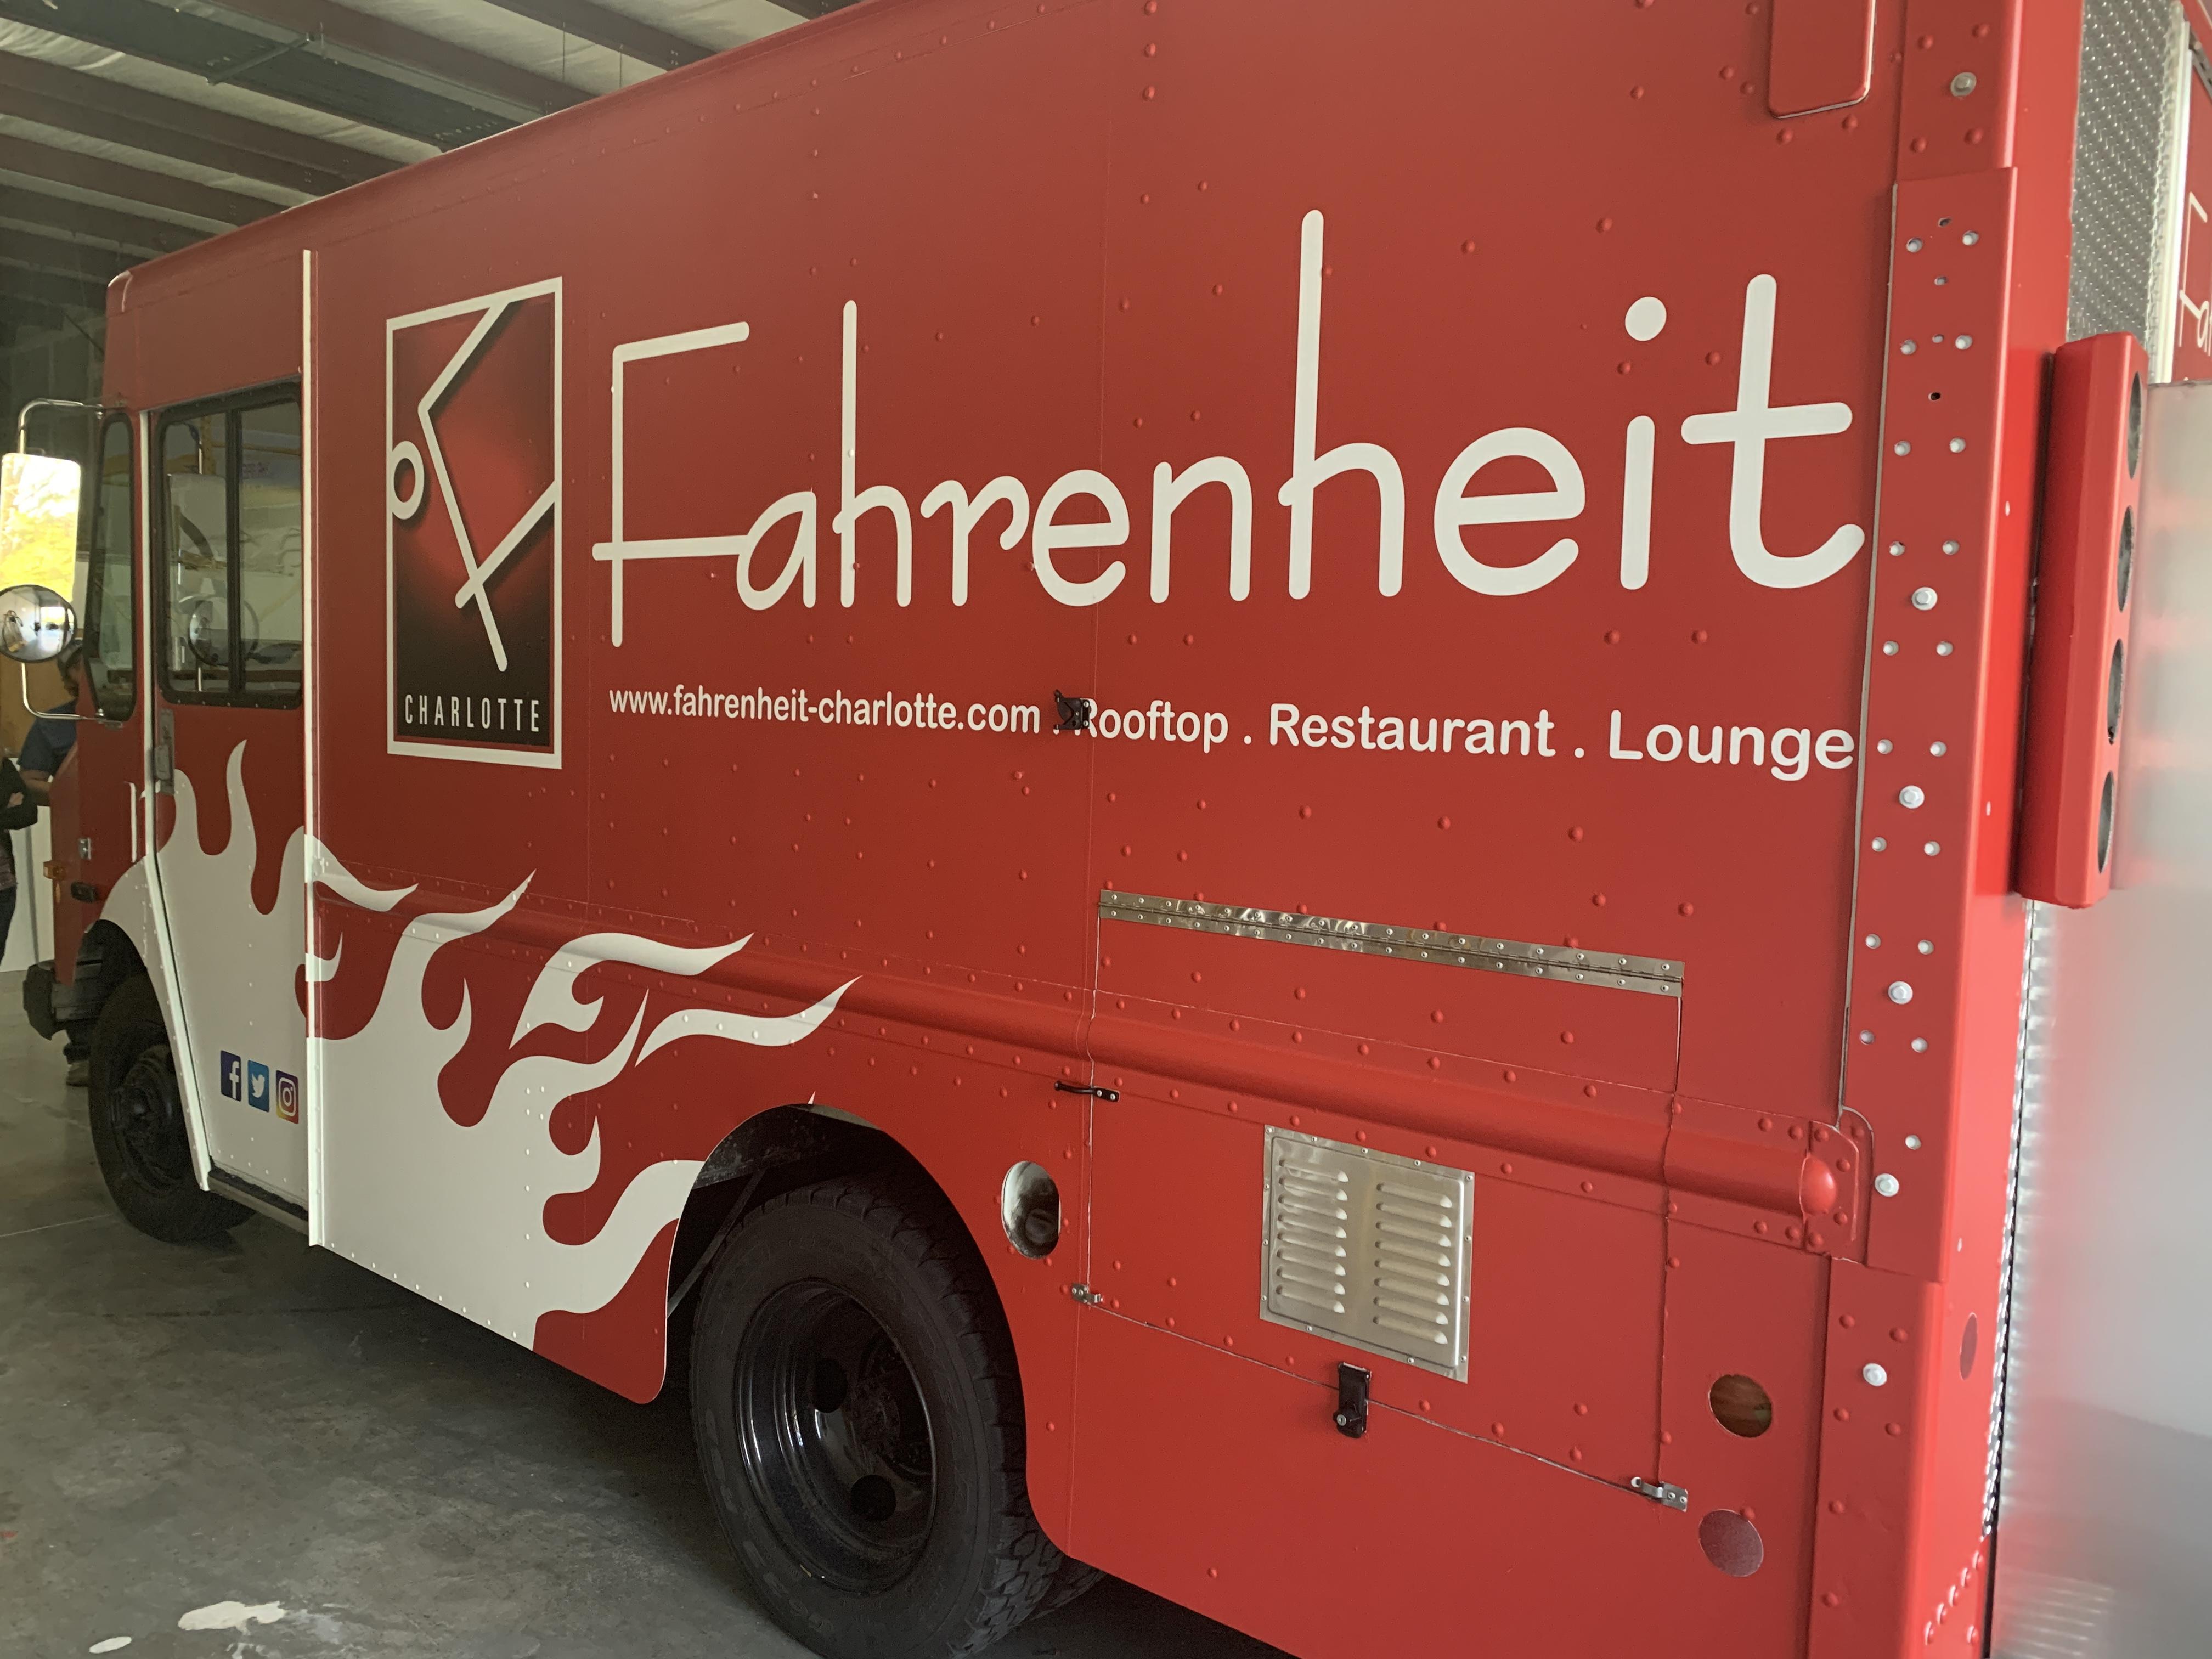 Fahrenheit Truck